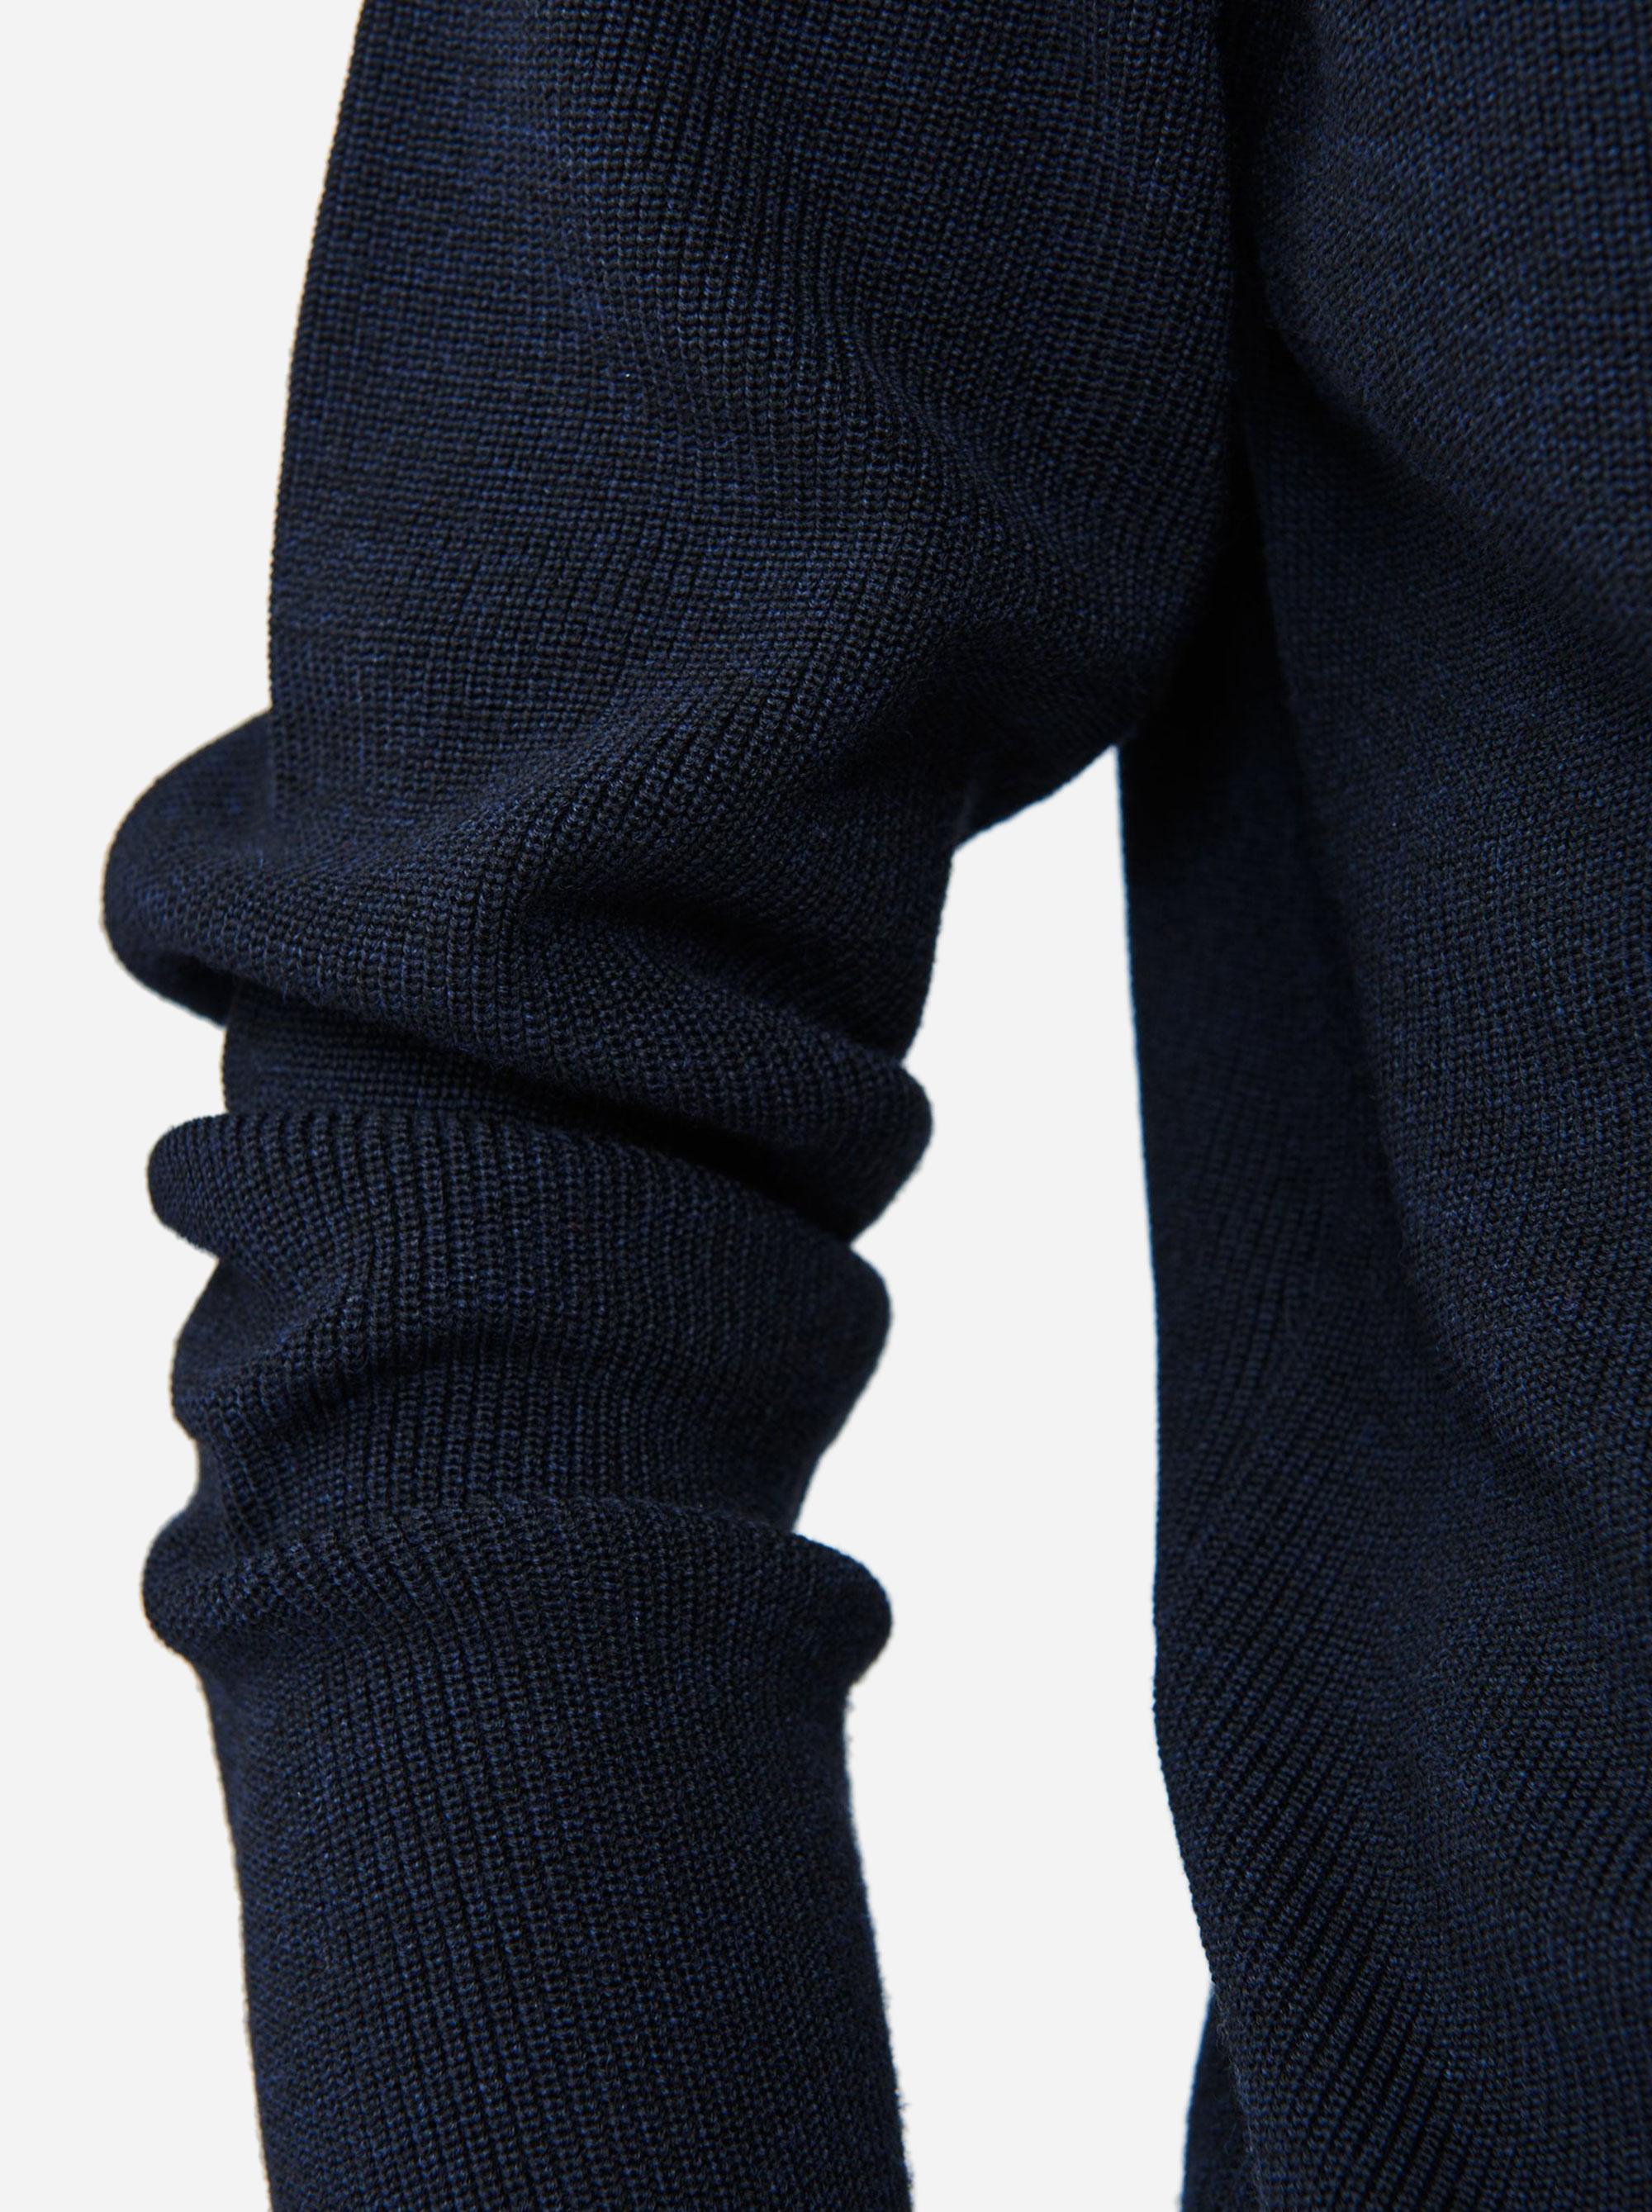 Teym - V-Neck - The Merino Sweater - Men - Blue - 5